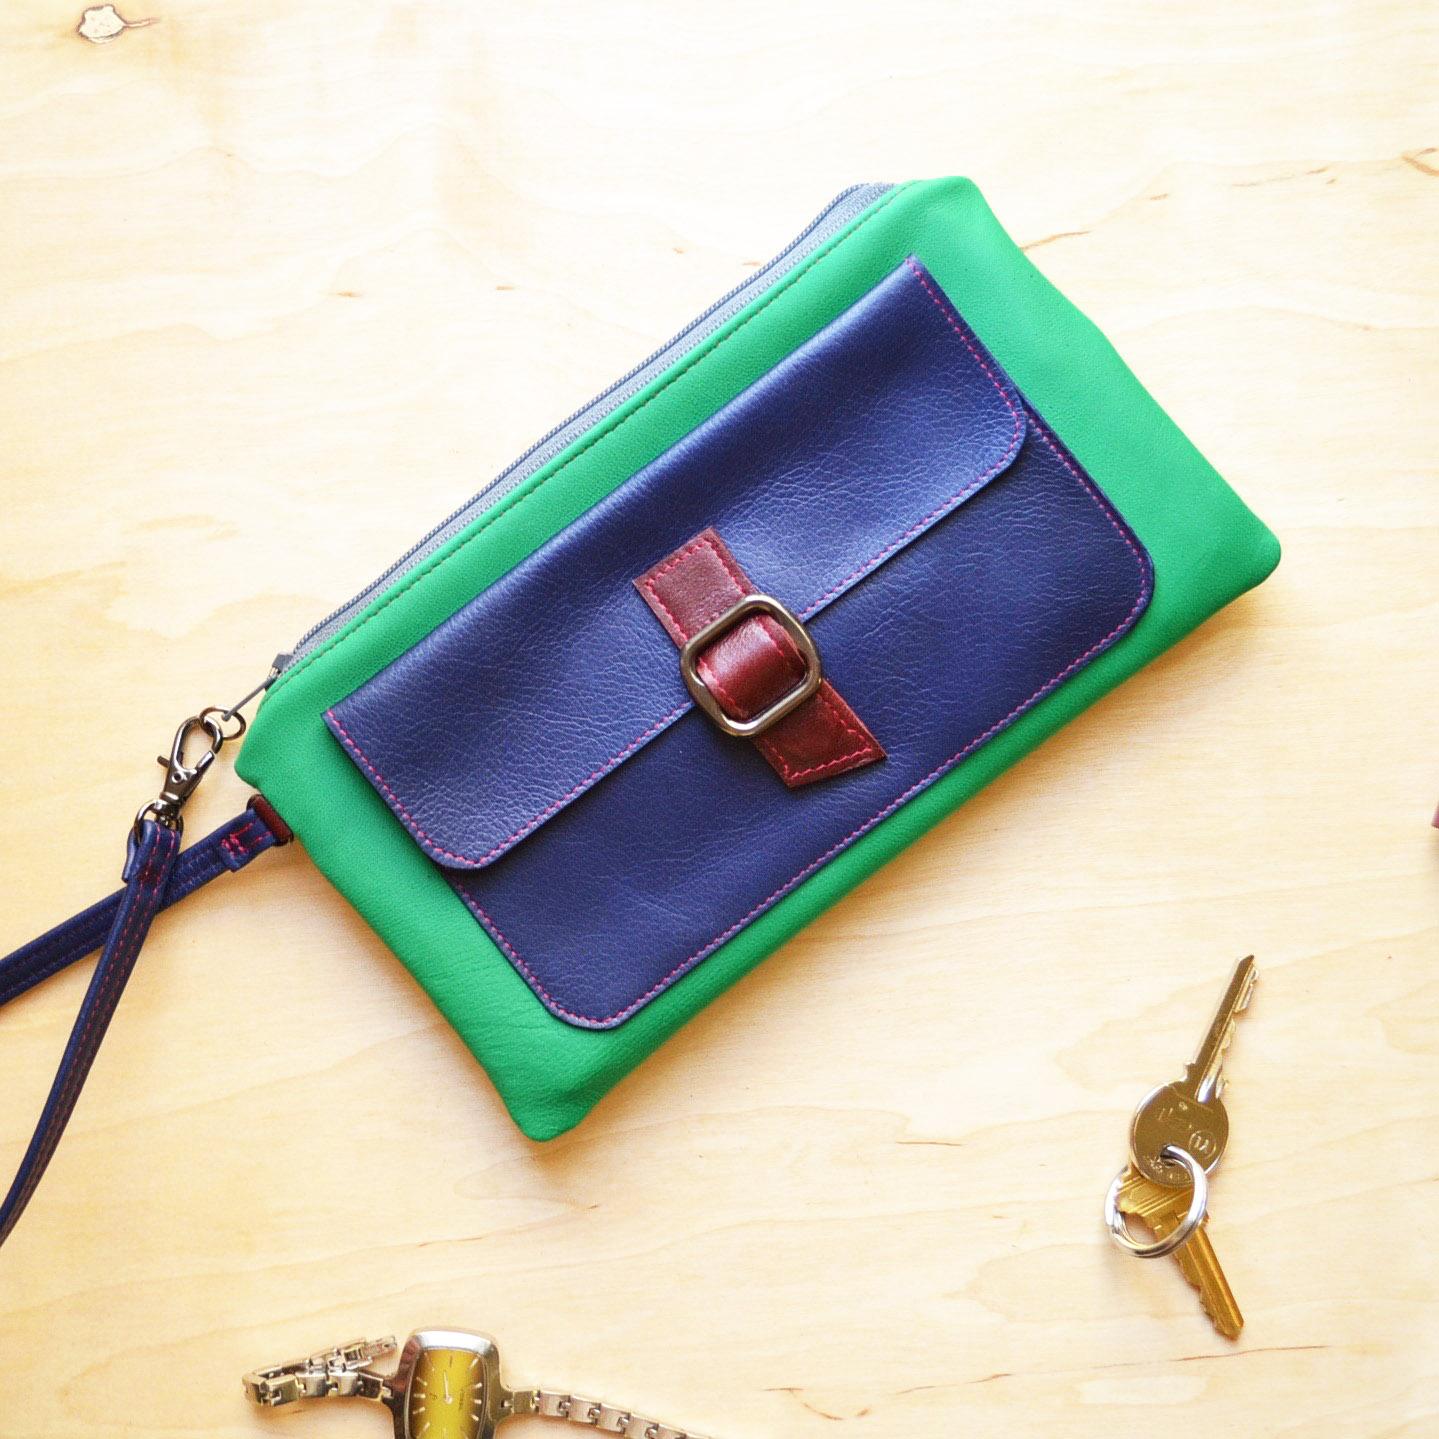 Lulu Wristlet Clutch in Emerald Green